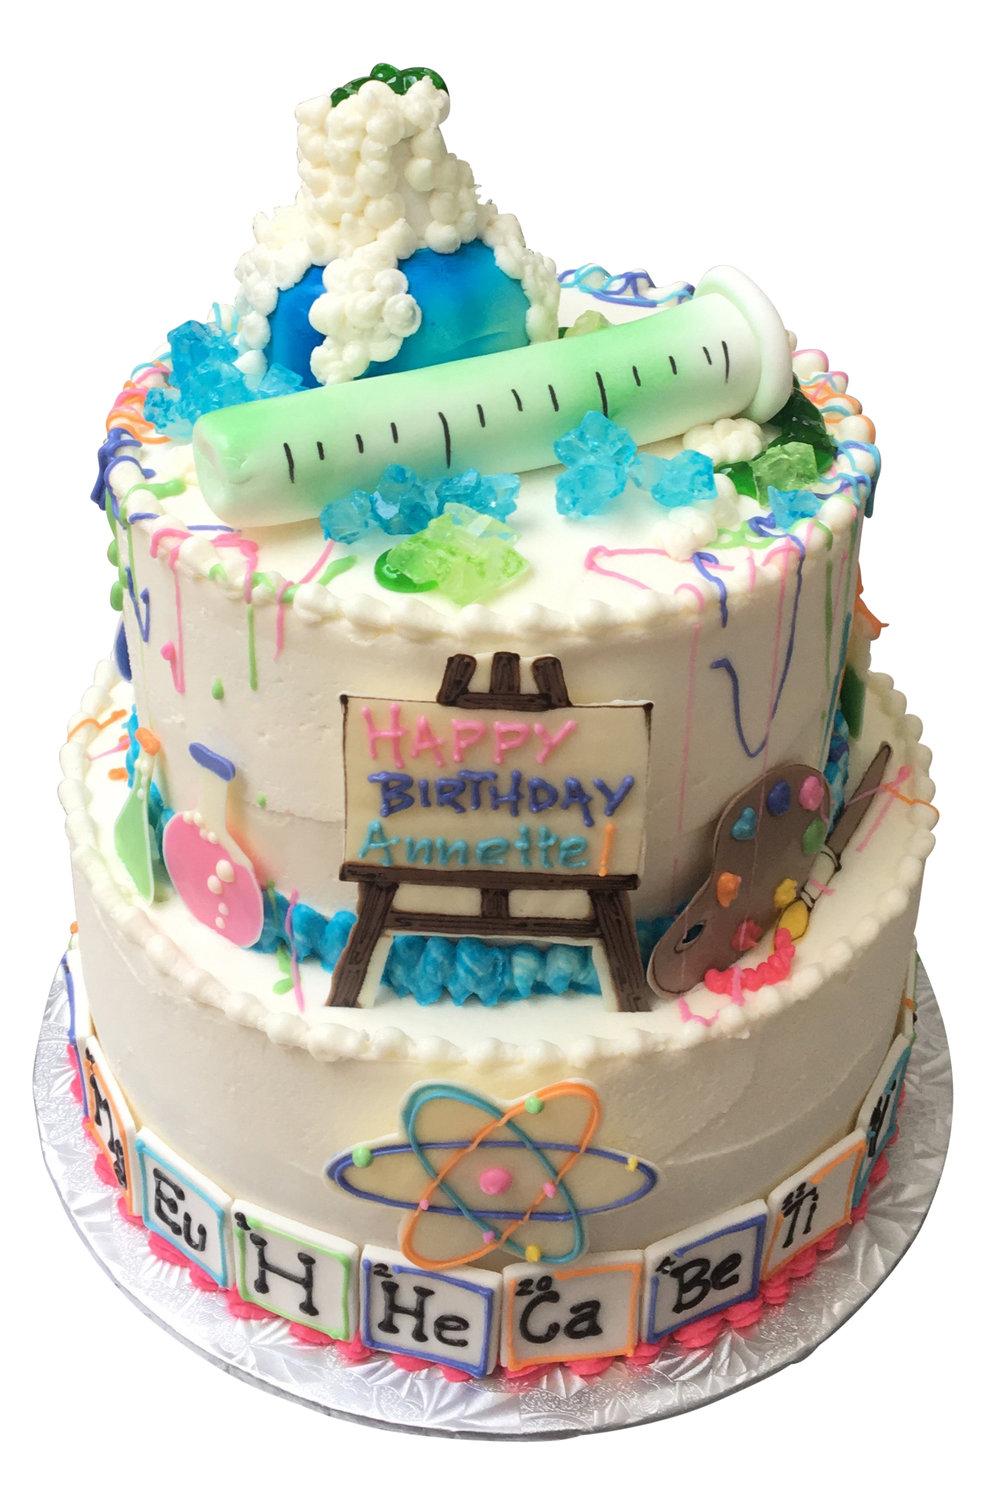 BeBe-Cakes-Science-&-Art-2-Tierd-Cake.jpg